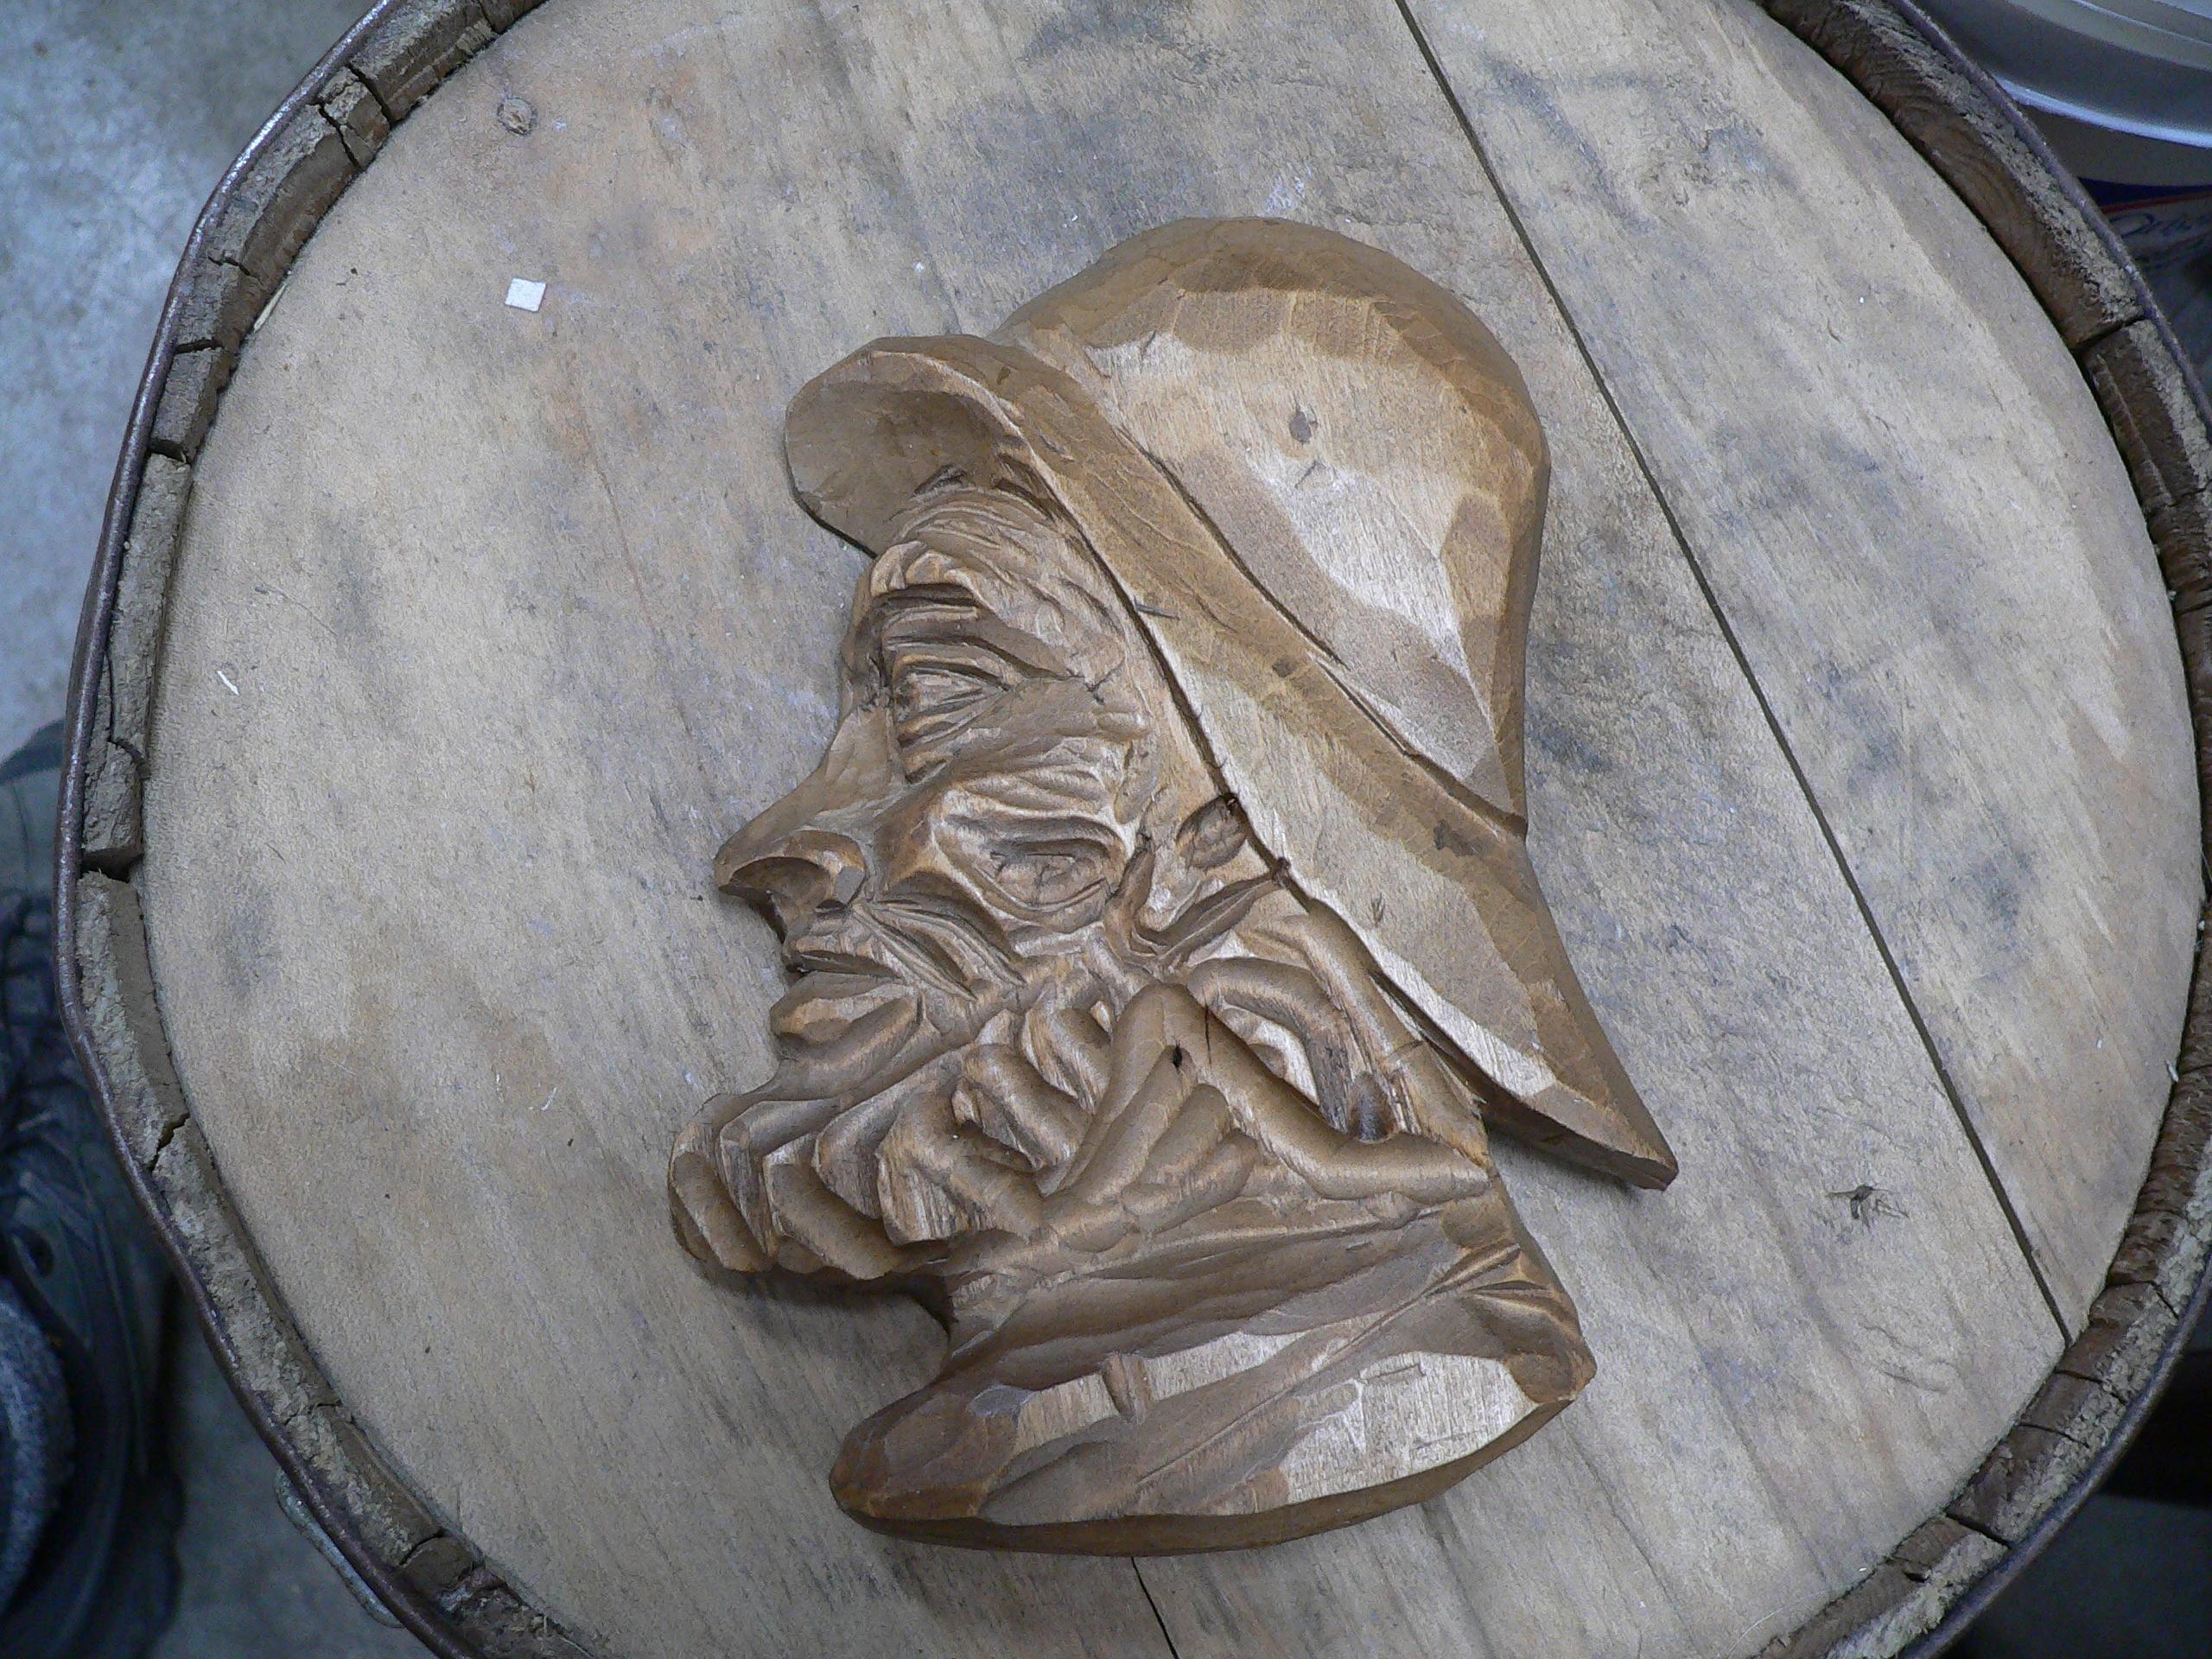 Sculpture de pêcheur en bois # 5248.36